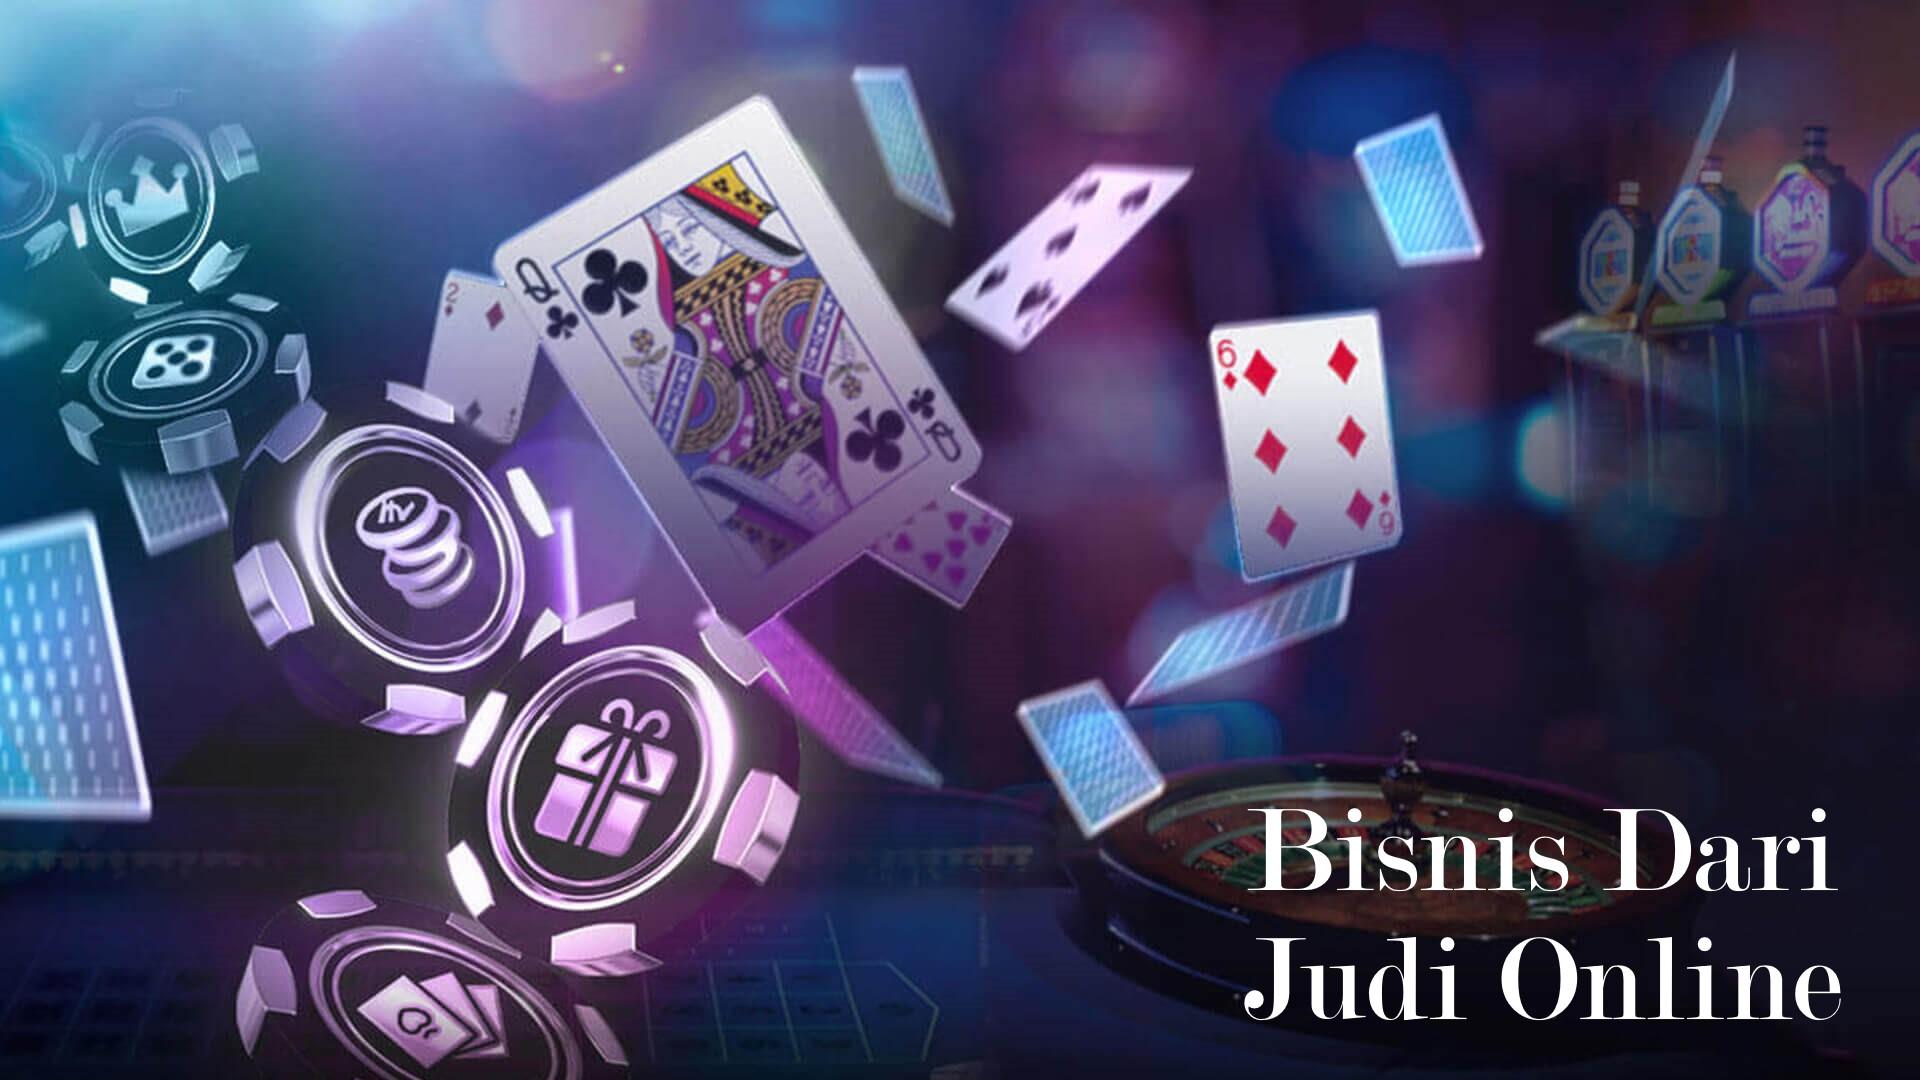 Bisnis Dari Judi Online